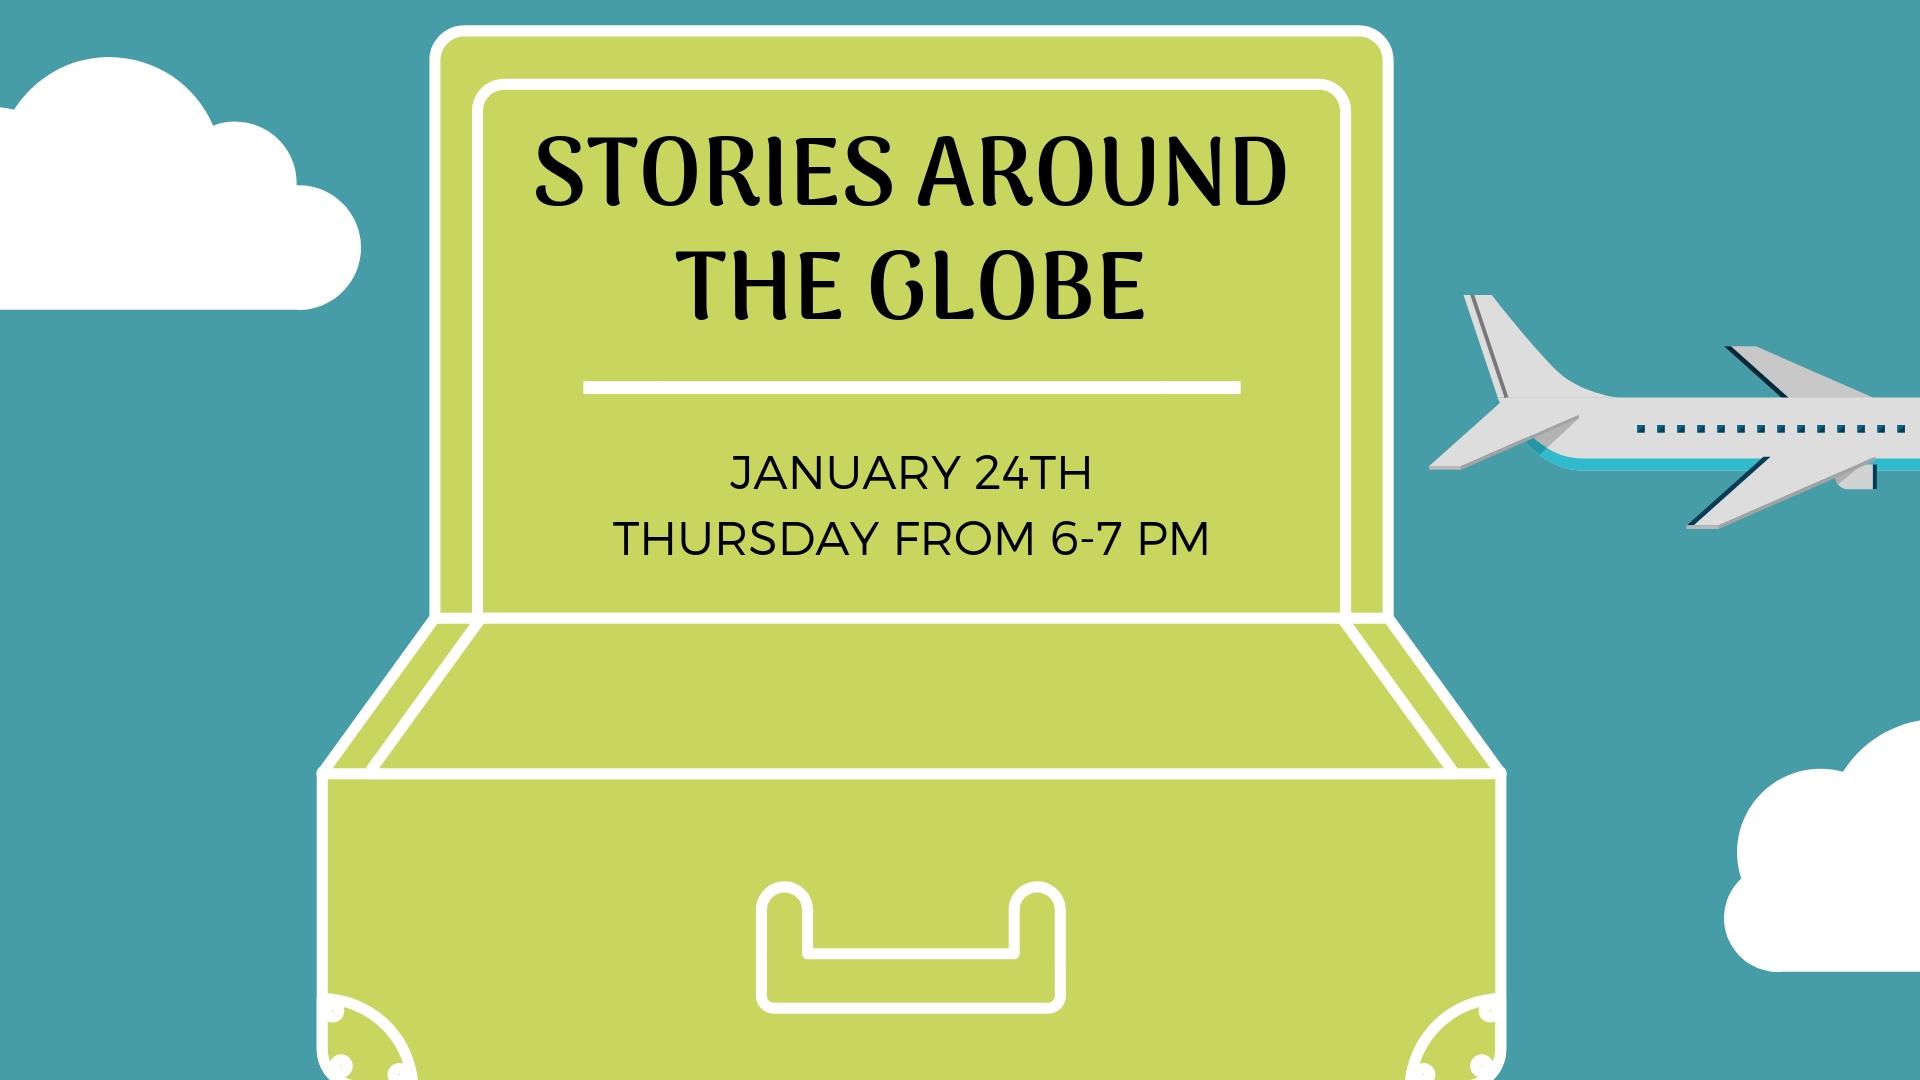 Stories Around the Globe